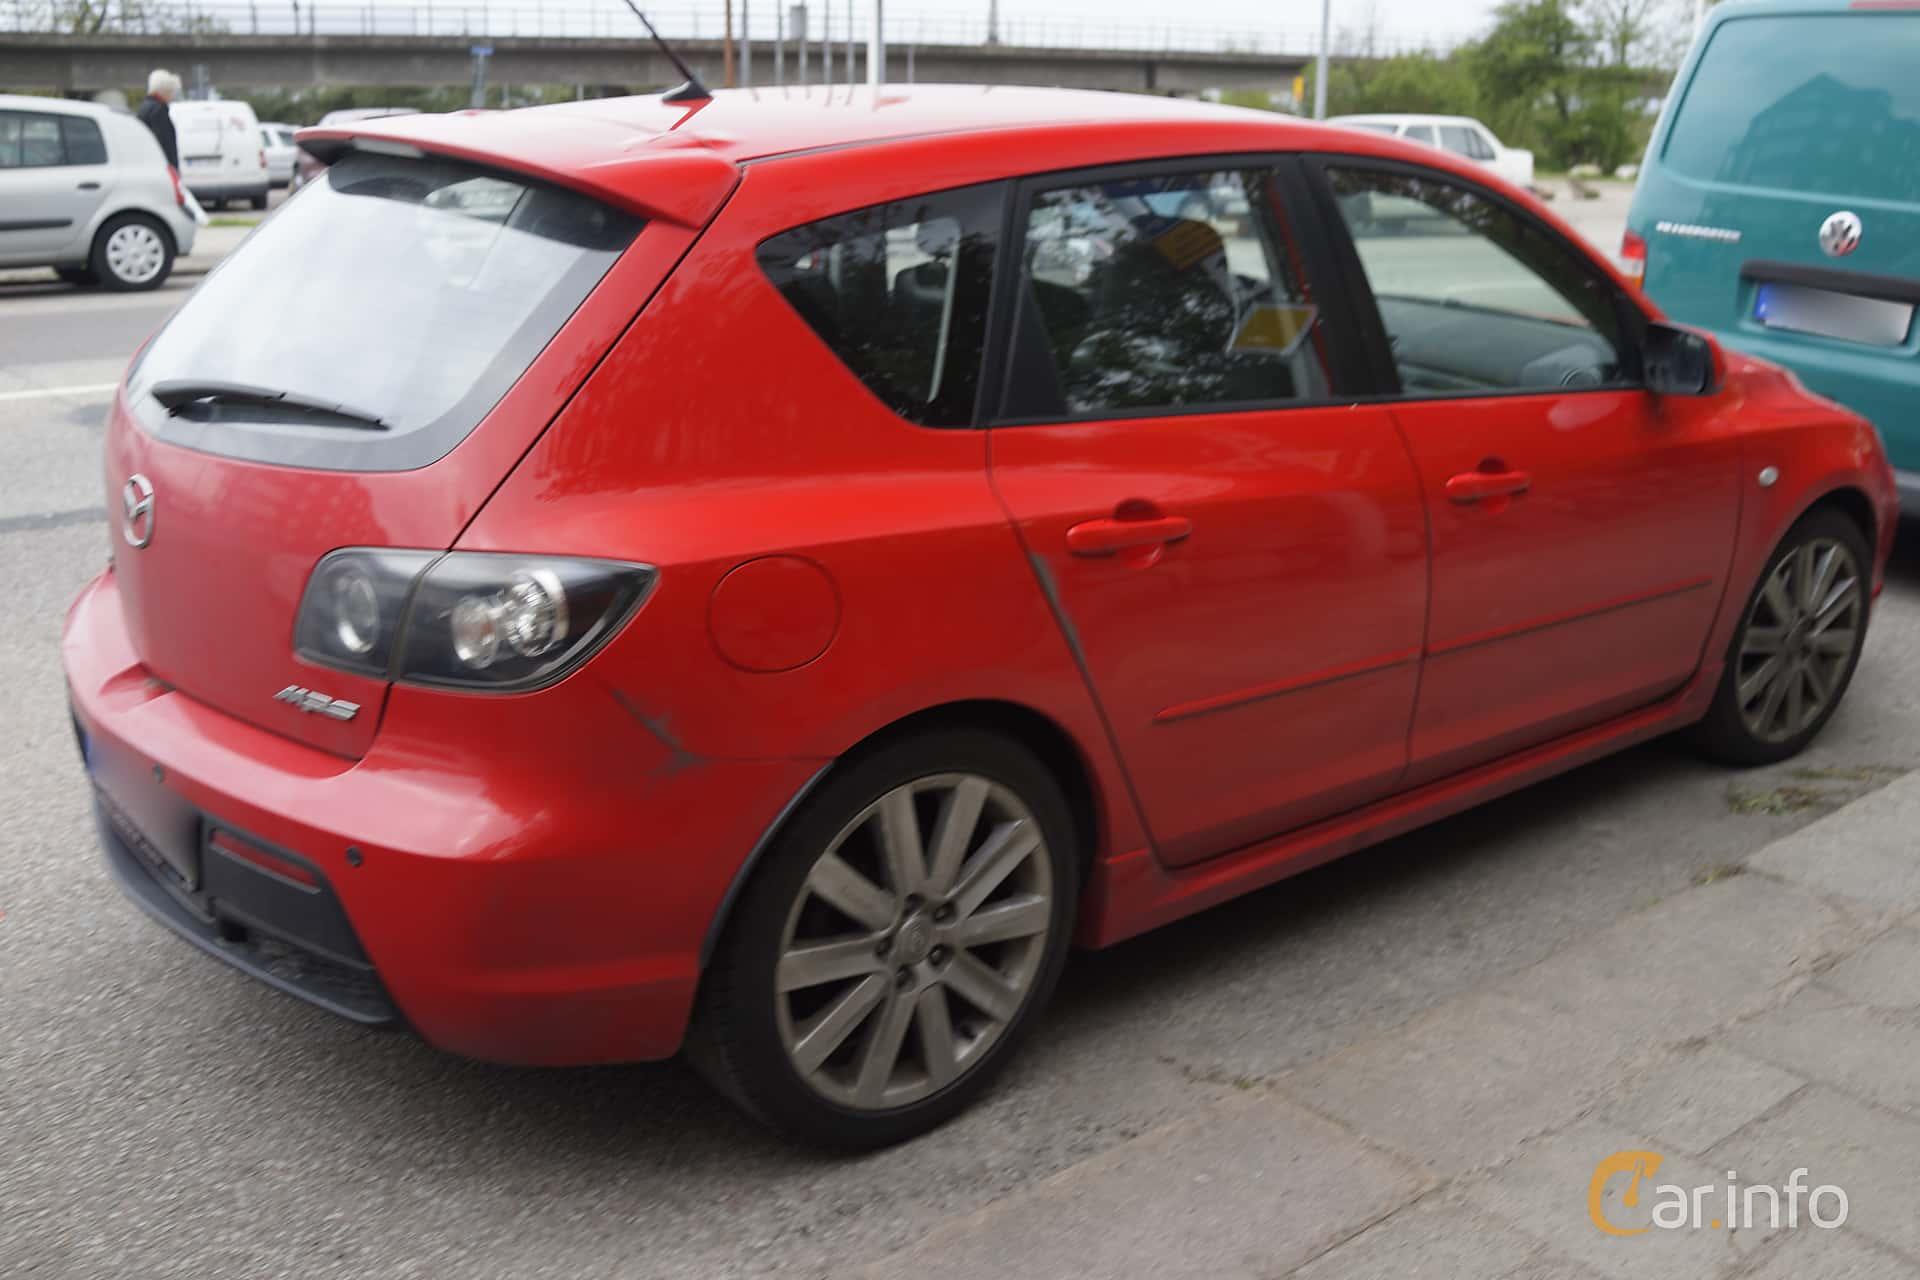 Kelebihan Kekurangan Mazda 3 2007 Spesifikasi